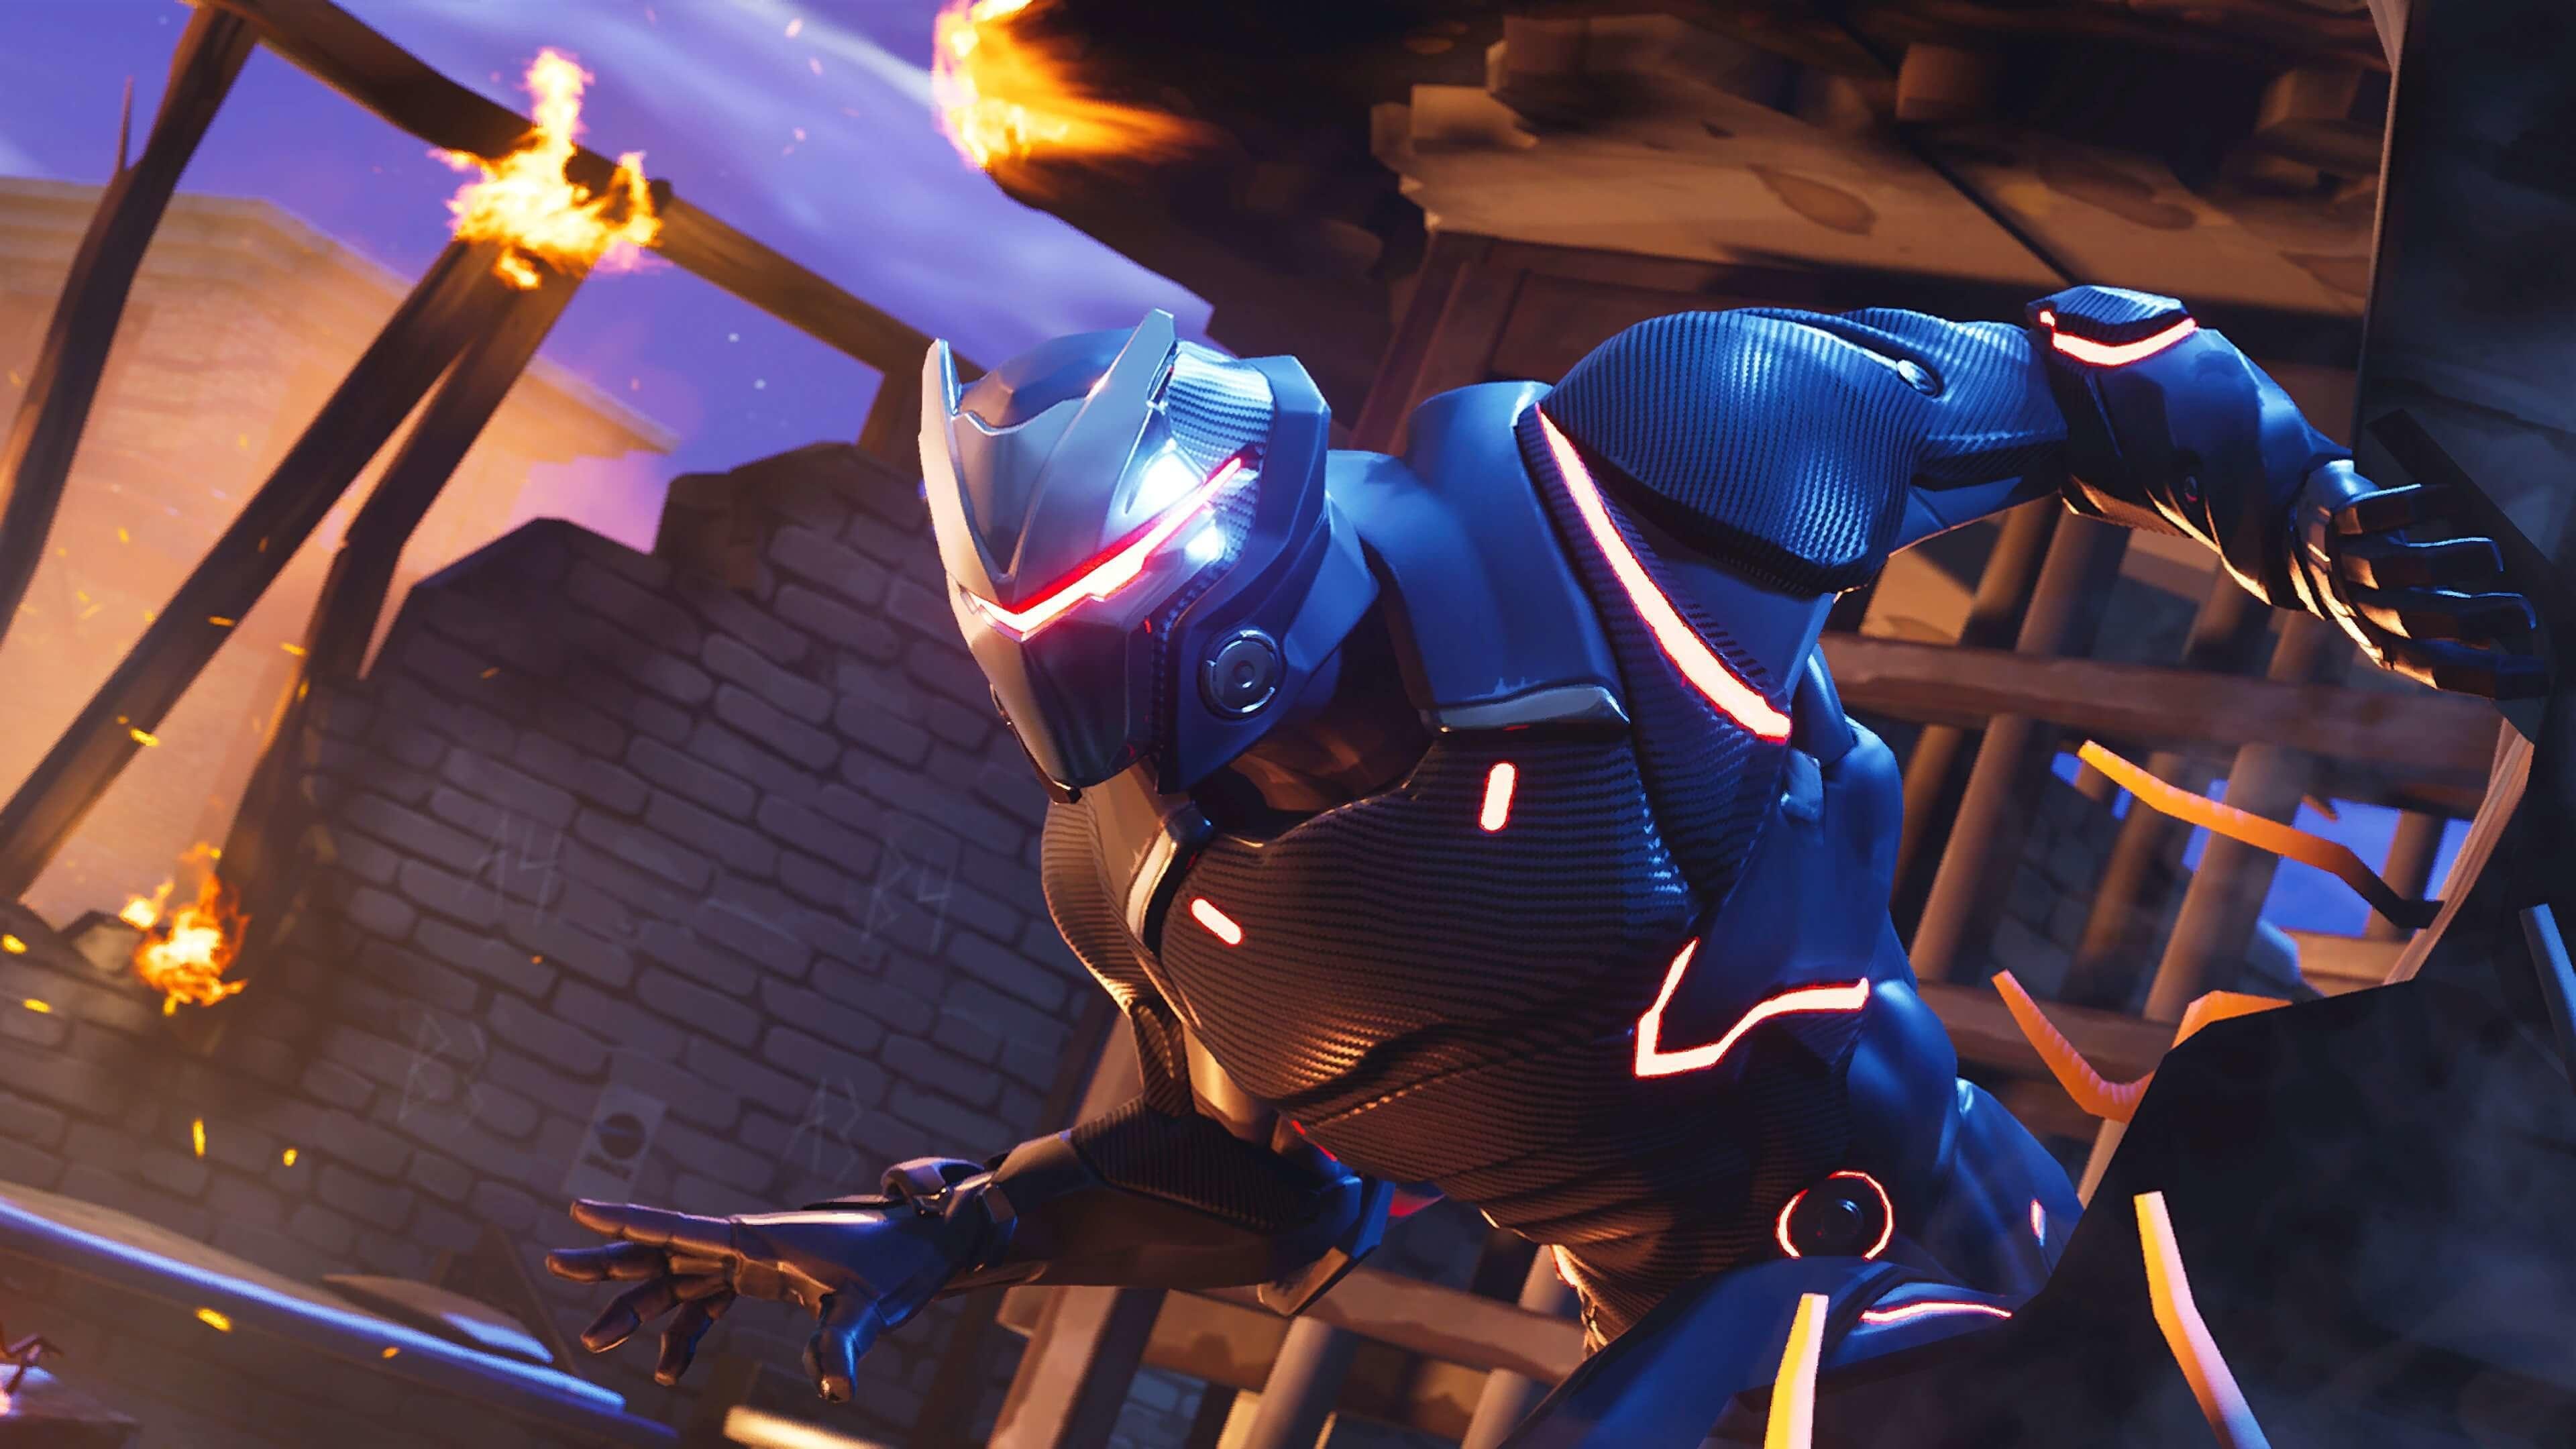 Бегущий персонаж-робот в синем скафандре в искрах огня